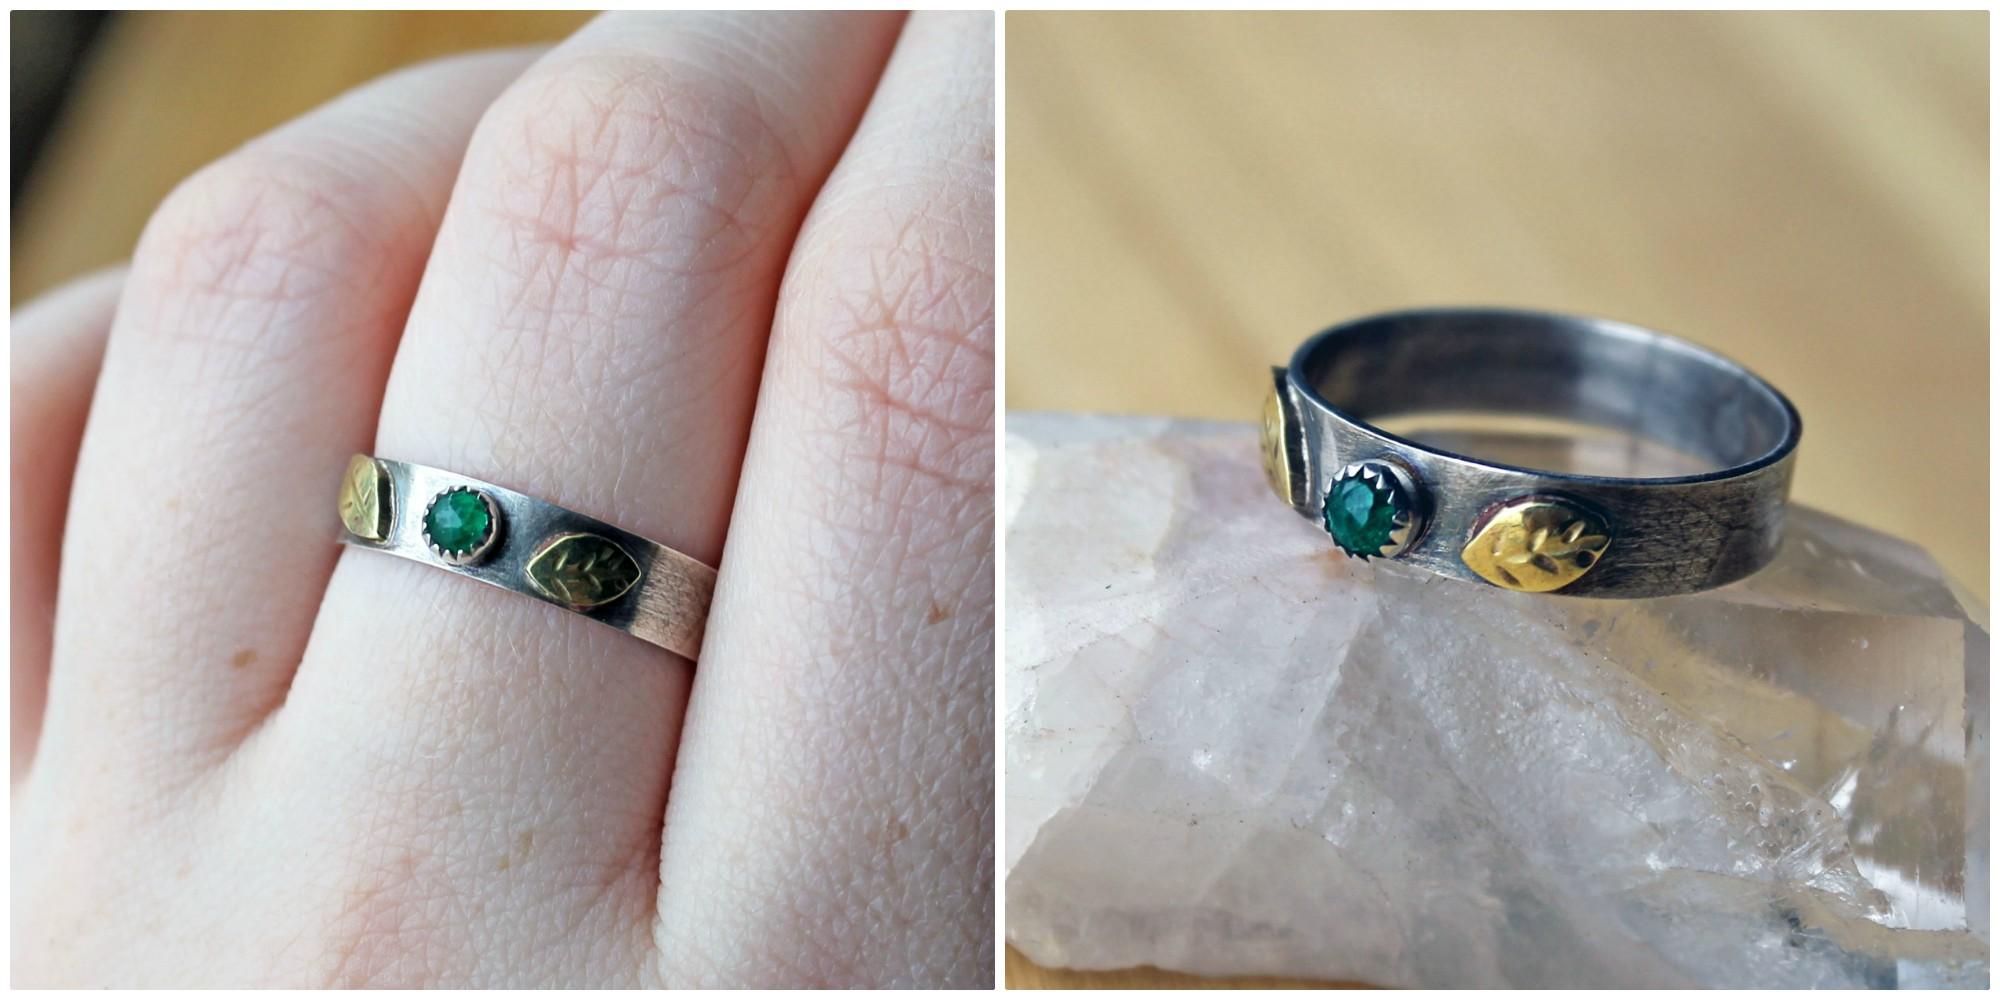 rose-cut emerald